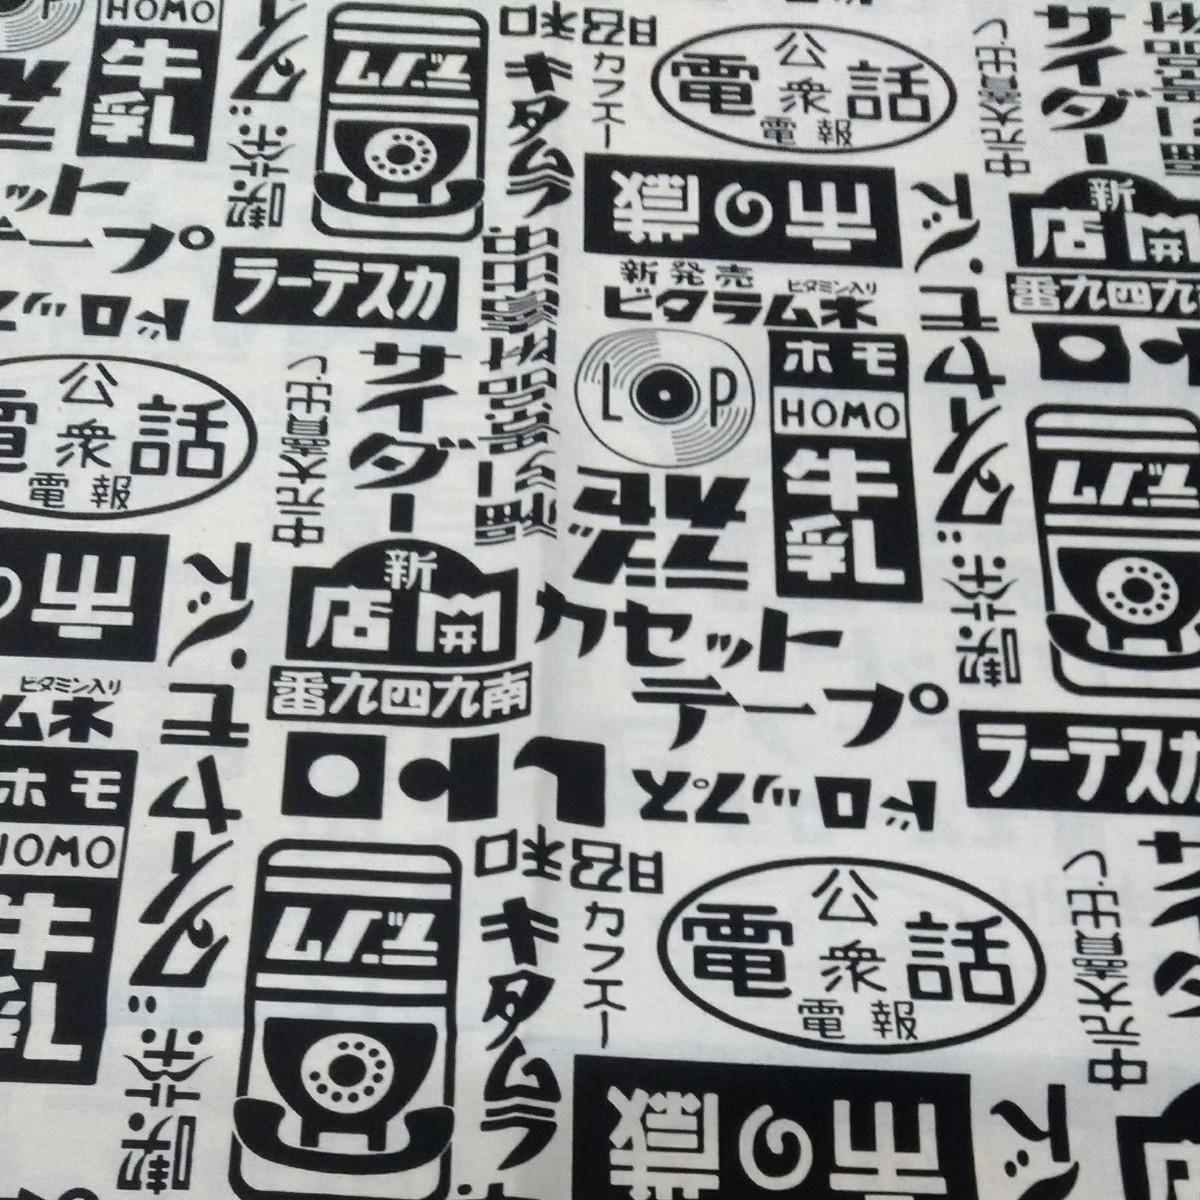 生地 昭和文字 レトロ柄 生地幅×50 はぎれ リバティ